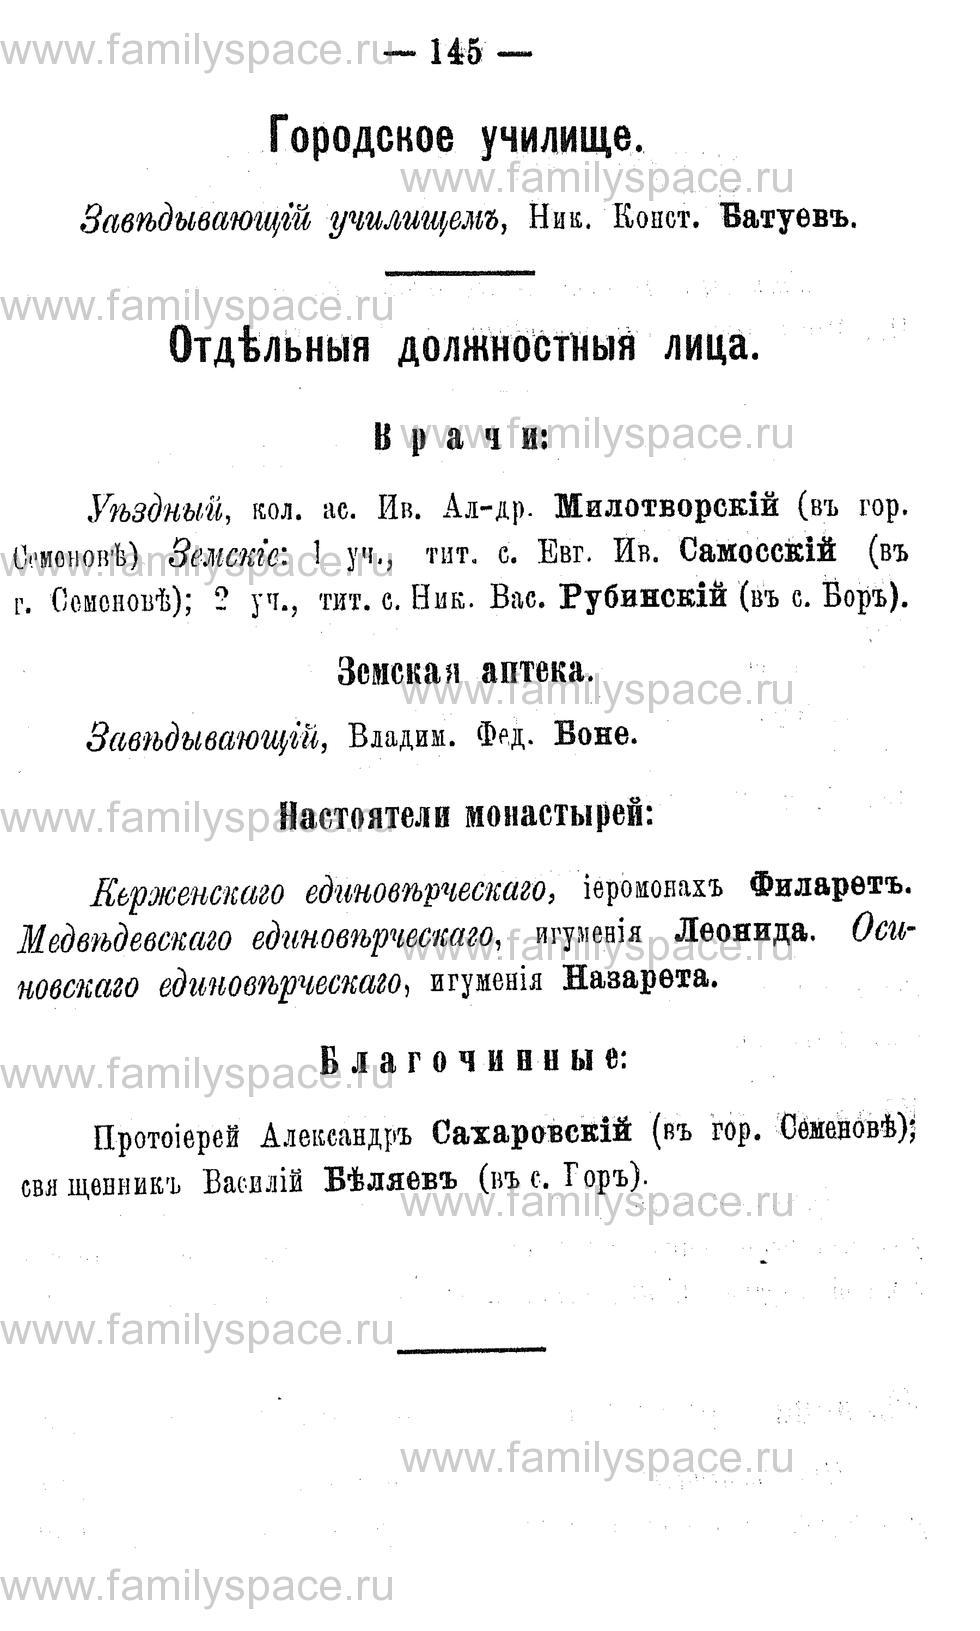 Поиск по фамилии - Адрес-календарь Нижегородской губернии на 1891 год, страница 145